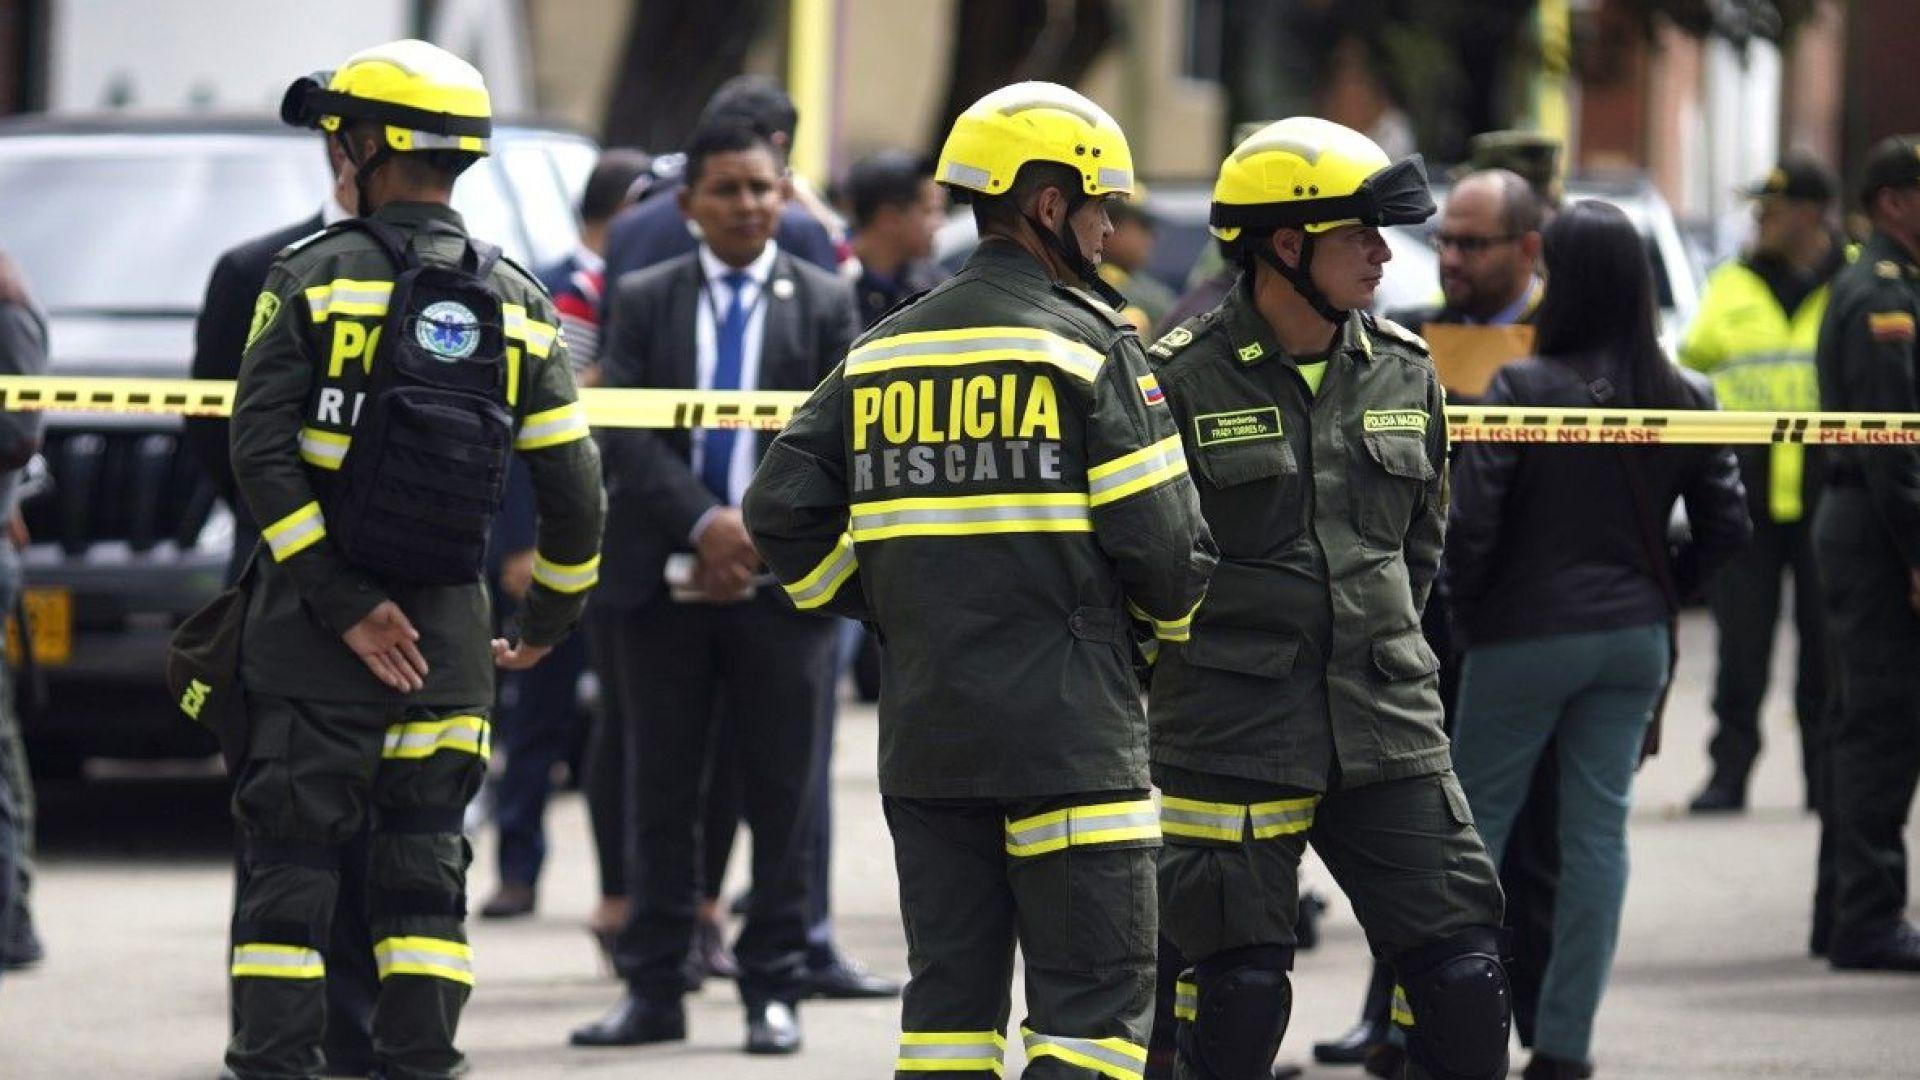 Броят на убитите при атентата срещу полицейска академия в Богота